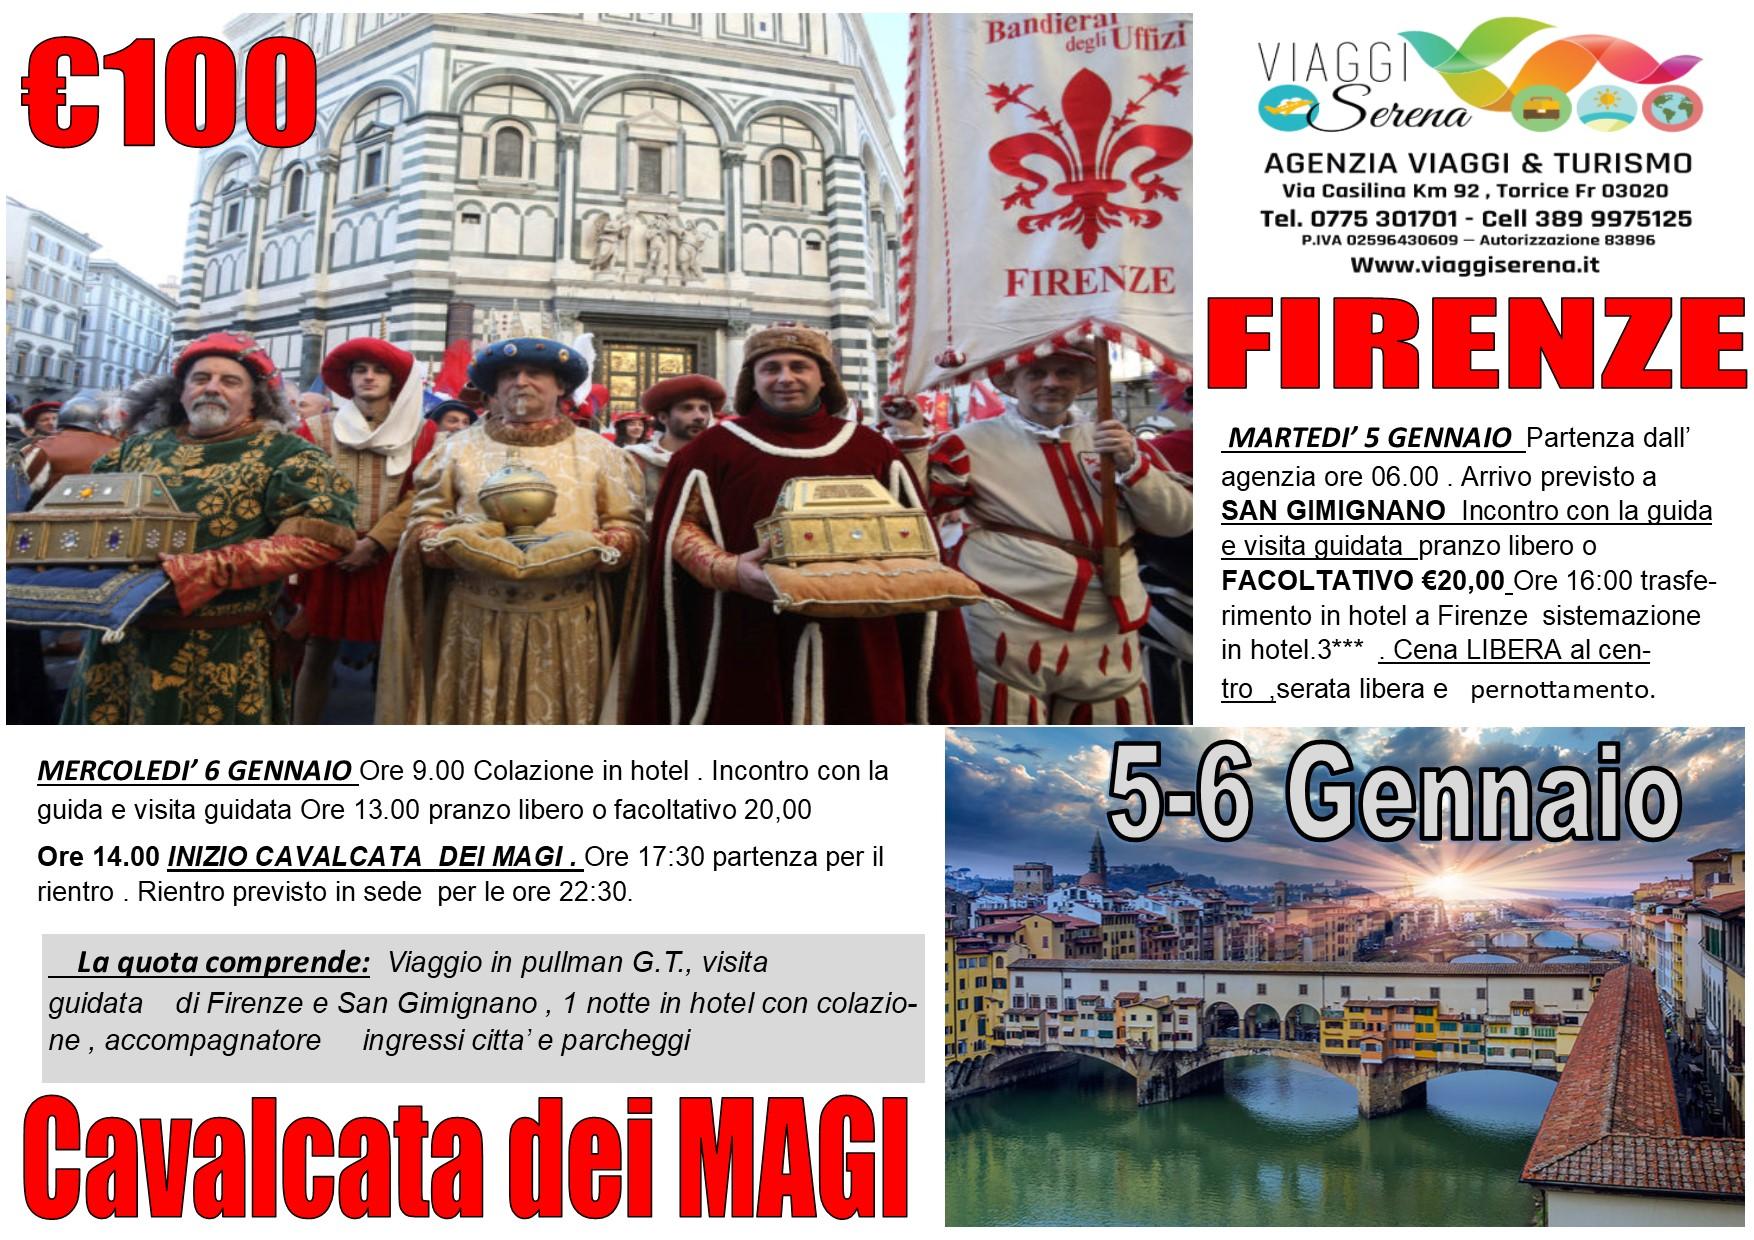 """Viaggi di Gruppo: FIRENZE """"Cavalcata dei Magi""""  & San Gimignano 5-6 Gennaio  € 100,00"""